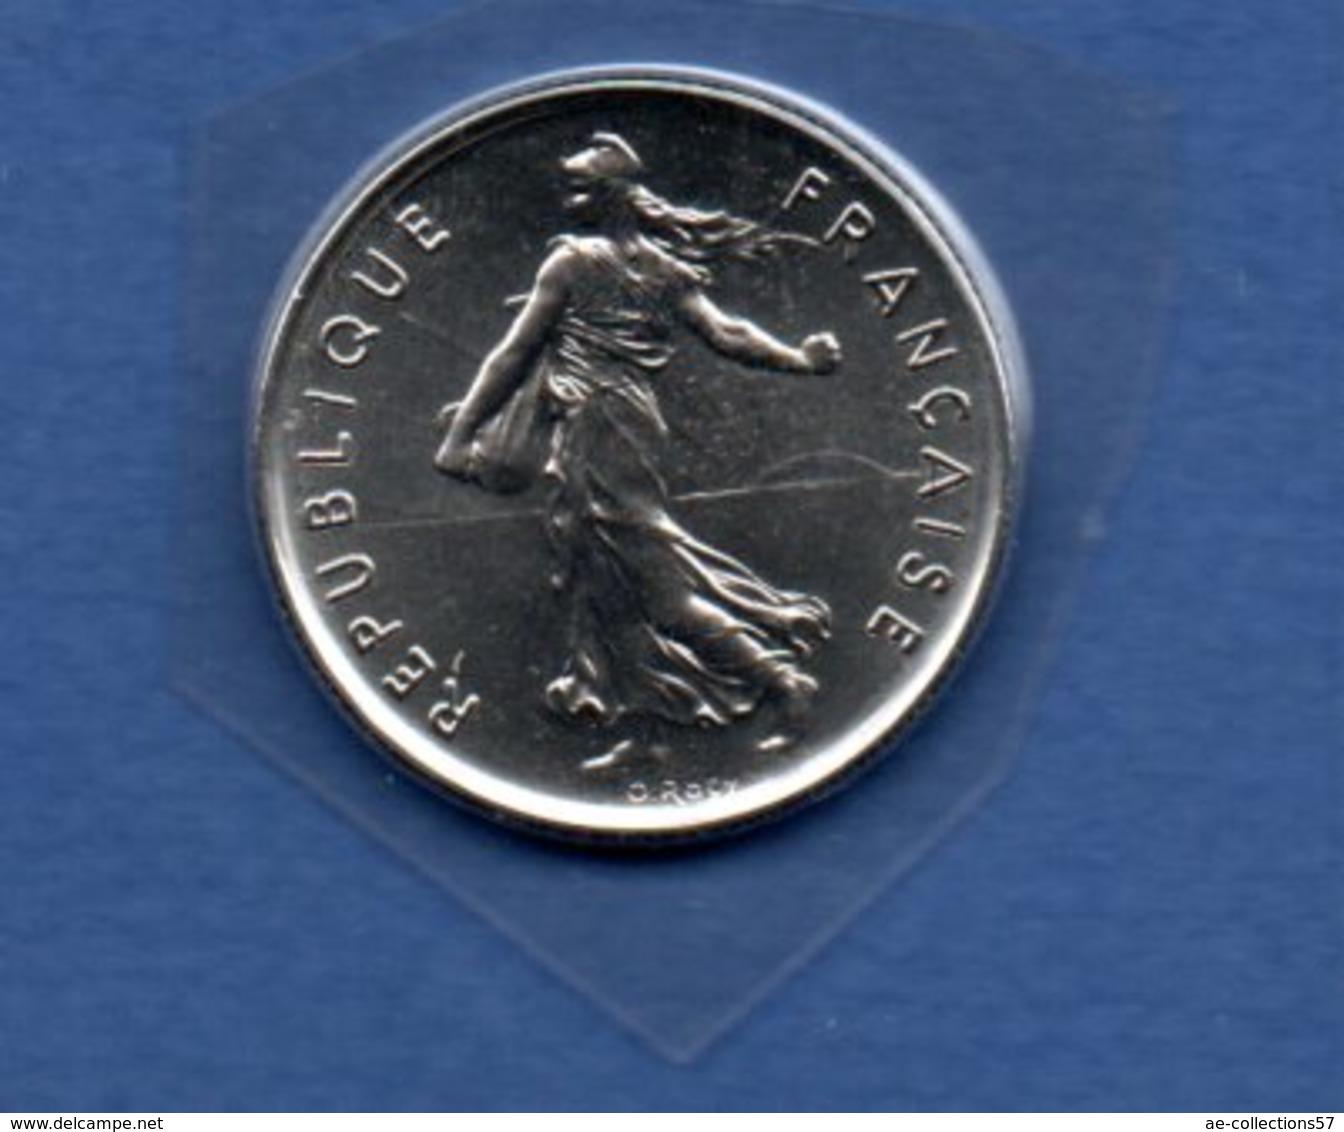 Semeuse -  5 Francs 1979 -  FDC  -scellée - France